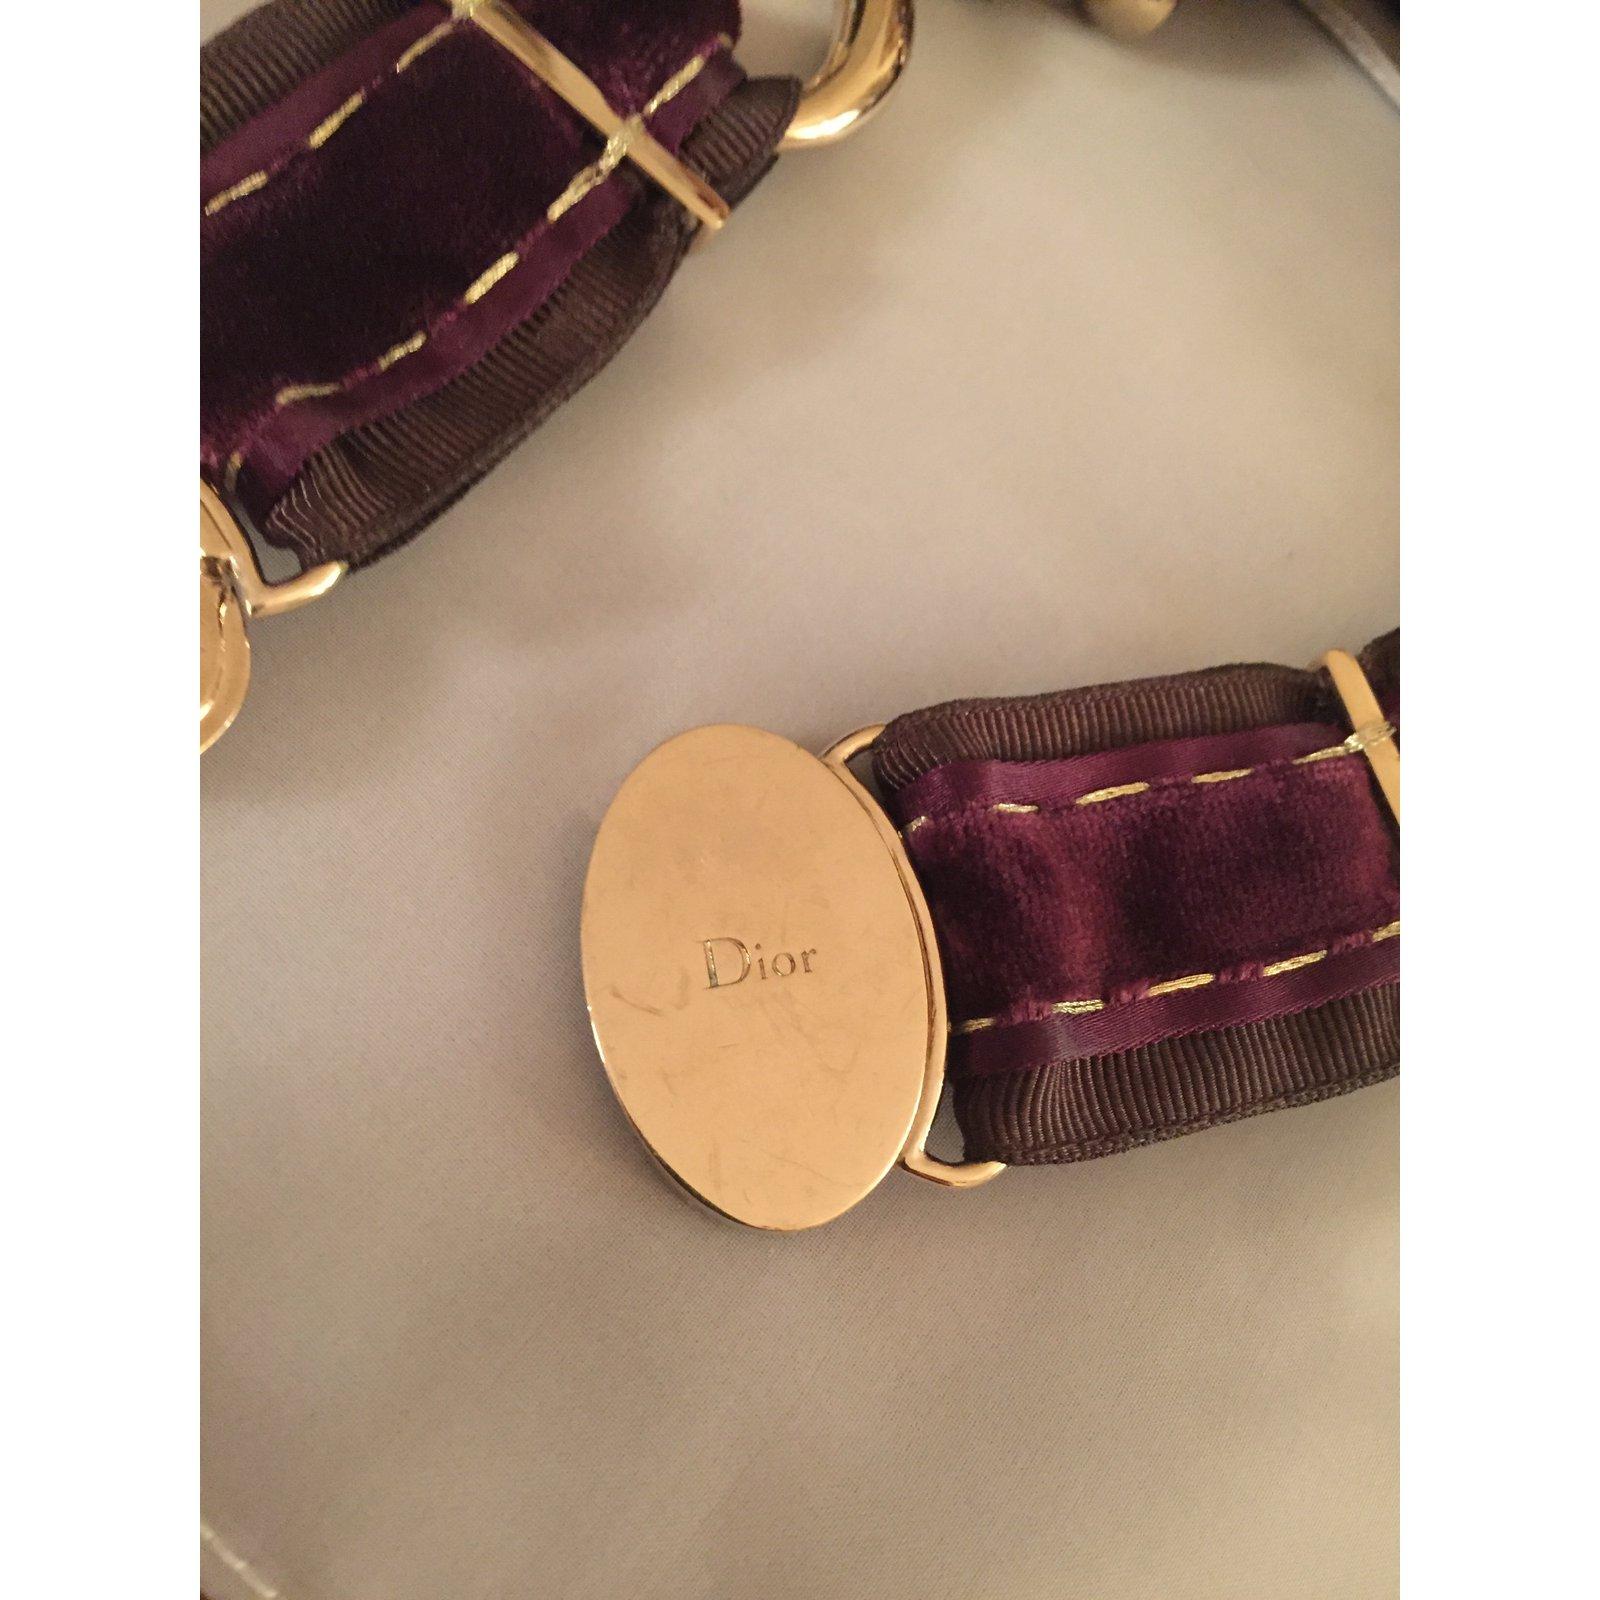 Colliers Christian Dior Mise en Dior Bois Marron ref 24800 Joli Closet # Collier En Bois Femme